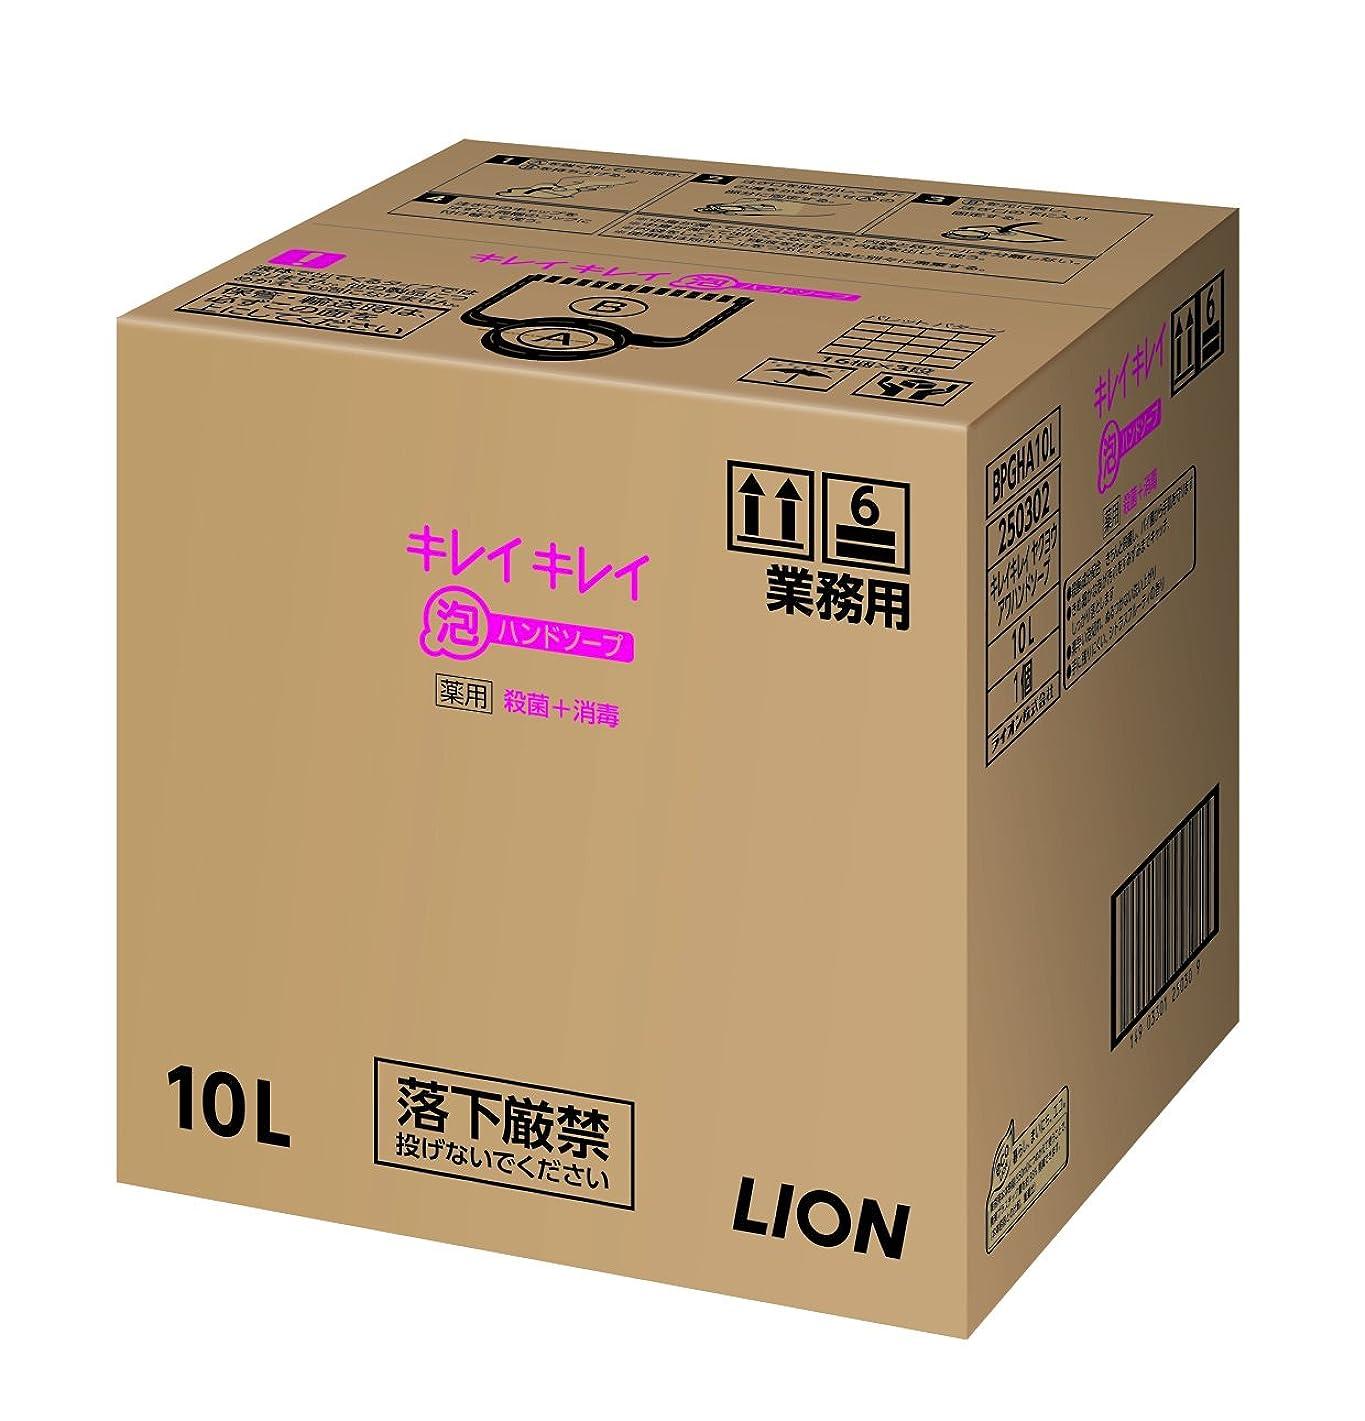 遅れ決定的リラックス【業務用 大容量】キレイキレイ 薬用 泡ハンドソープ シトラスフルーティの香り 10L(医薬部外品)